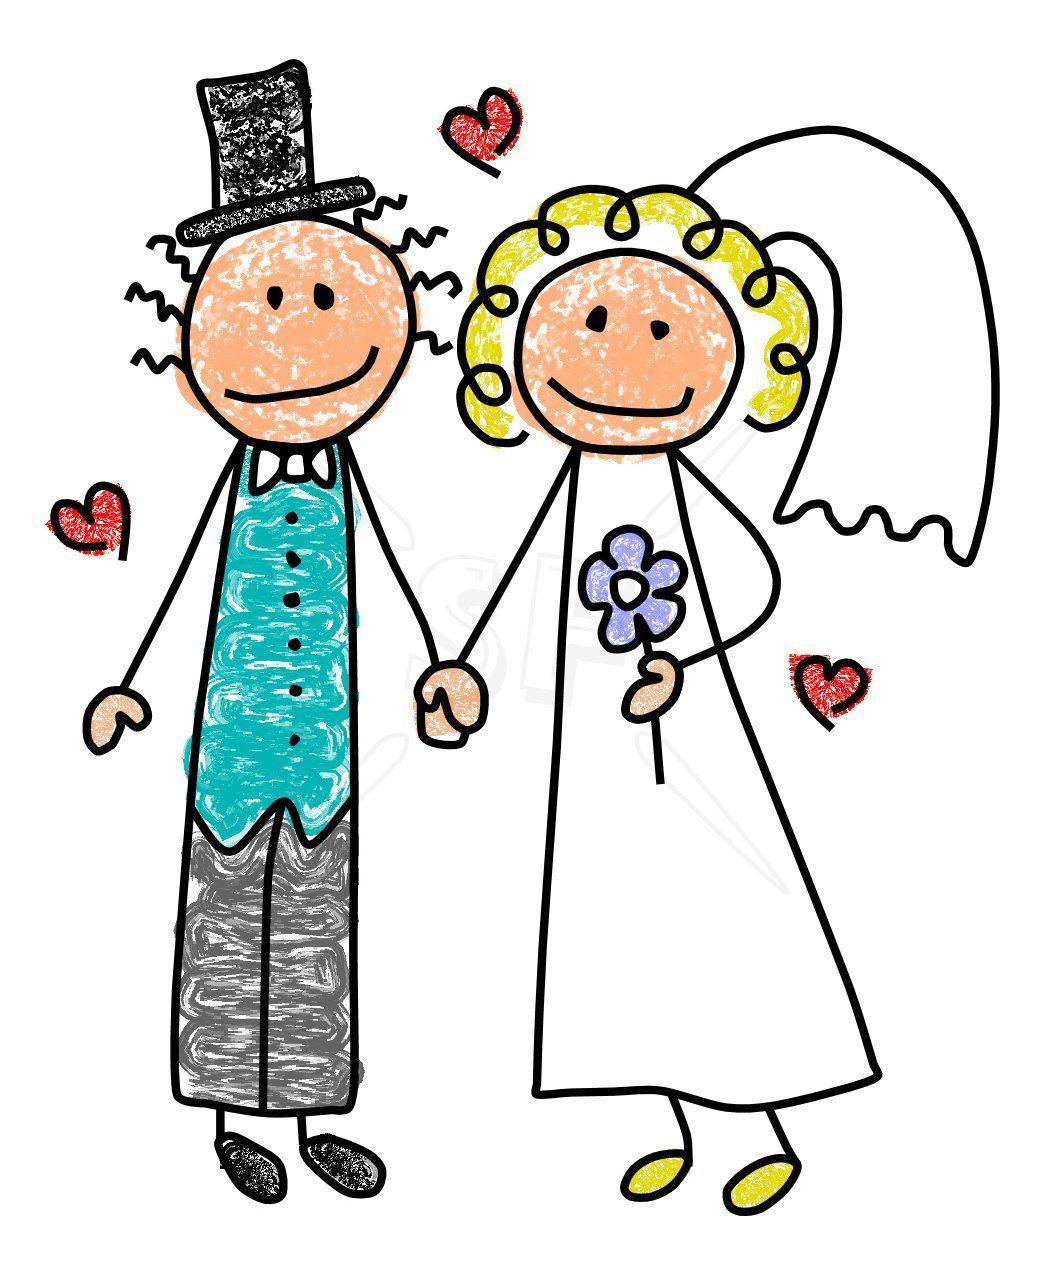 Cute wedding clipart free 6 » Clipart Portal.